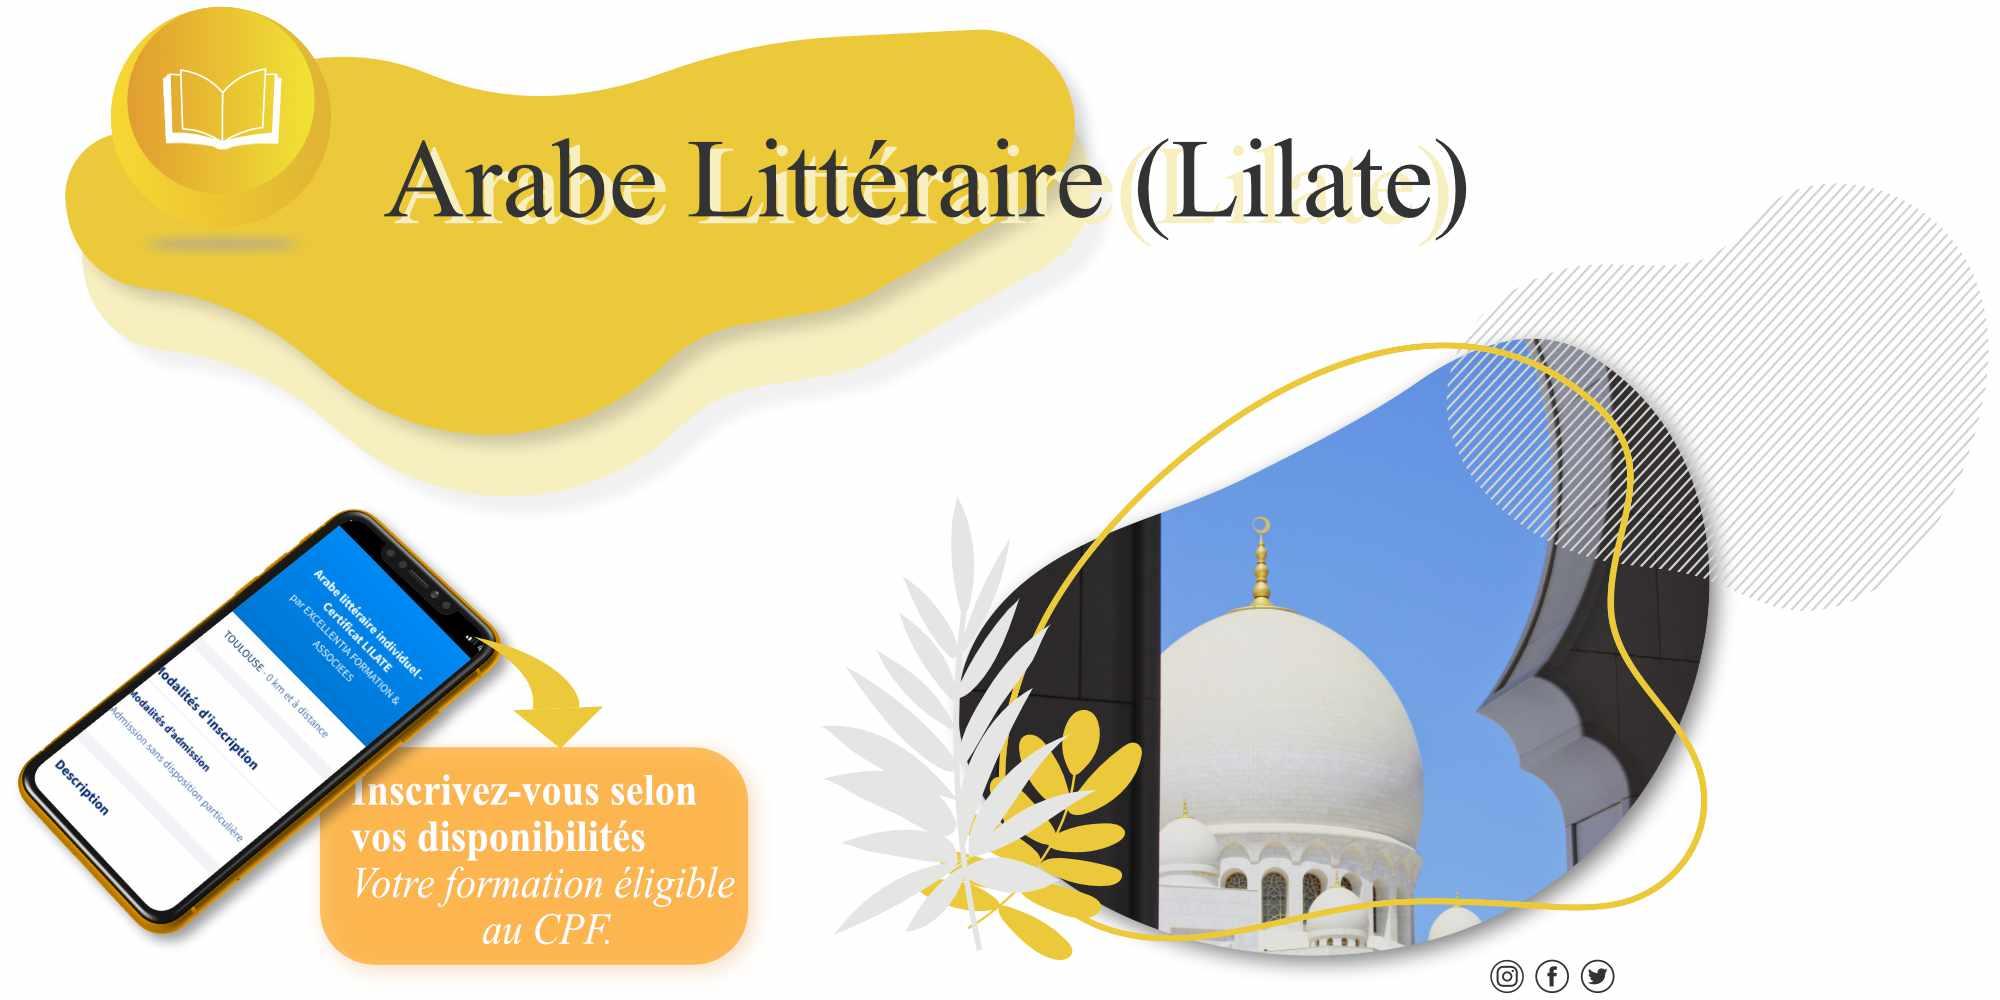 arabe_littéraire_.jpg